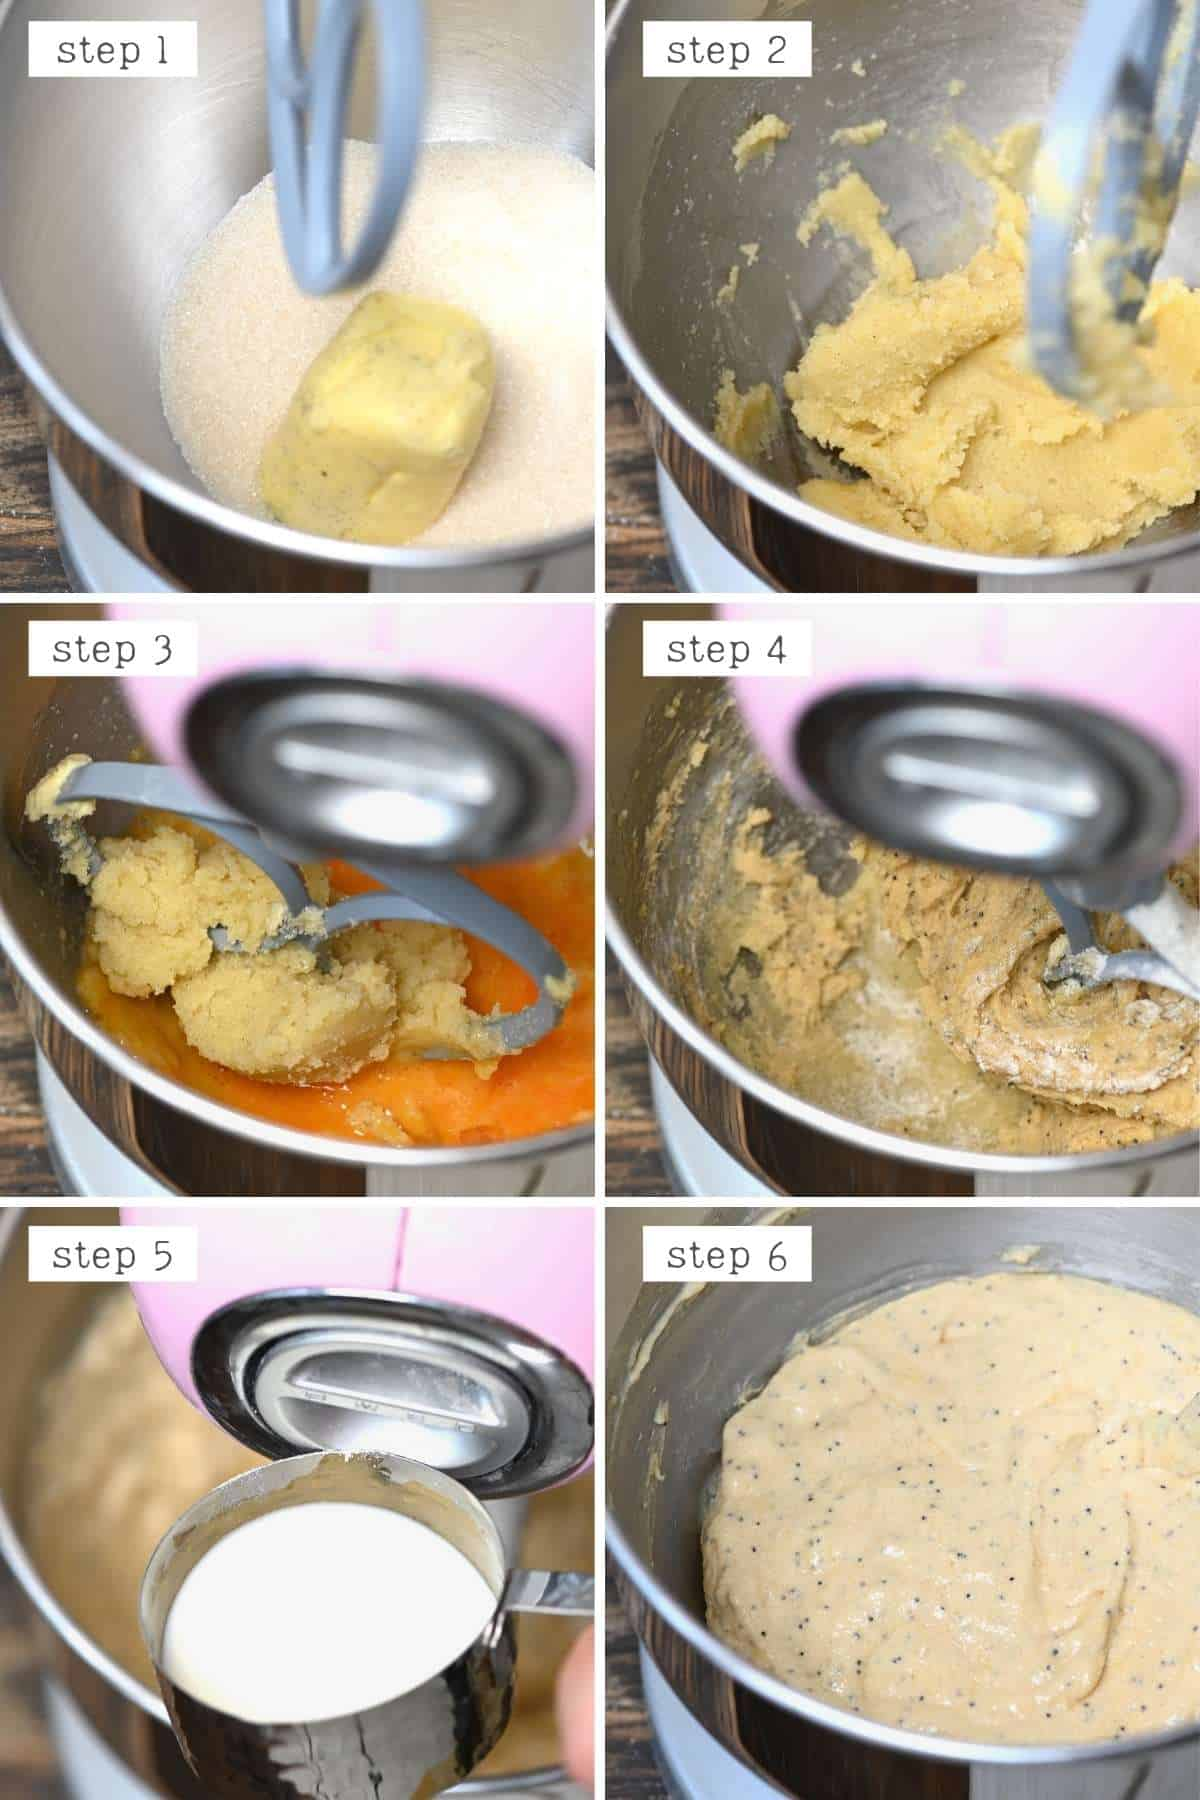 Steps for preparing lemon cupcake batter